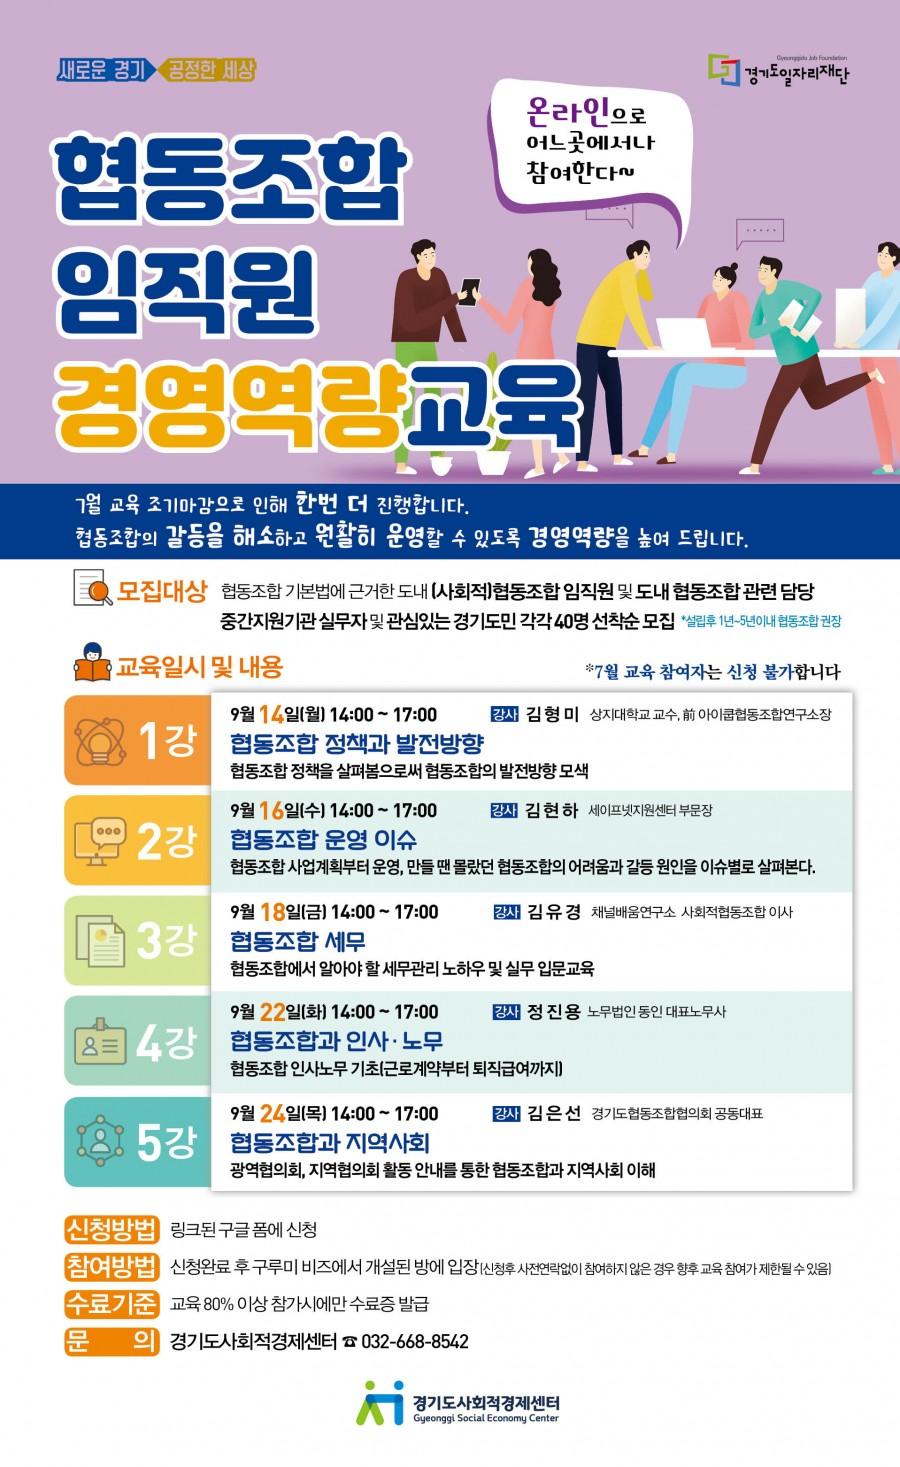 [경기도사회적경제센터] 협동조합 임직원 경영역량 교육과정 수강생 모집(온라인교육)